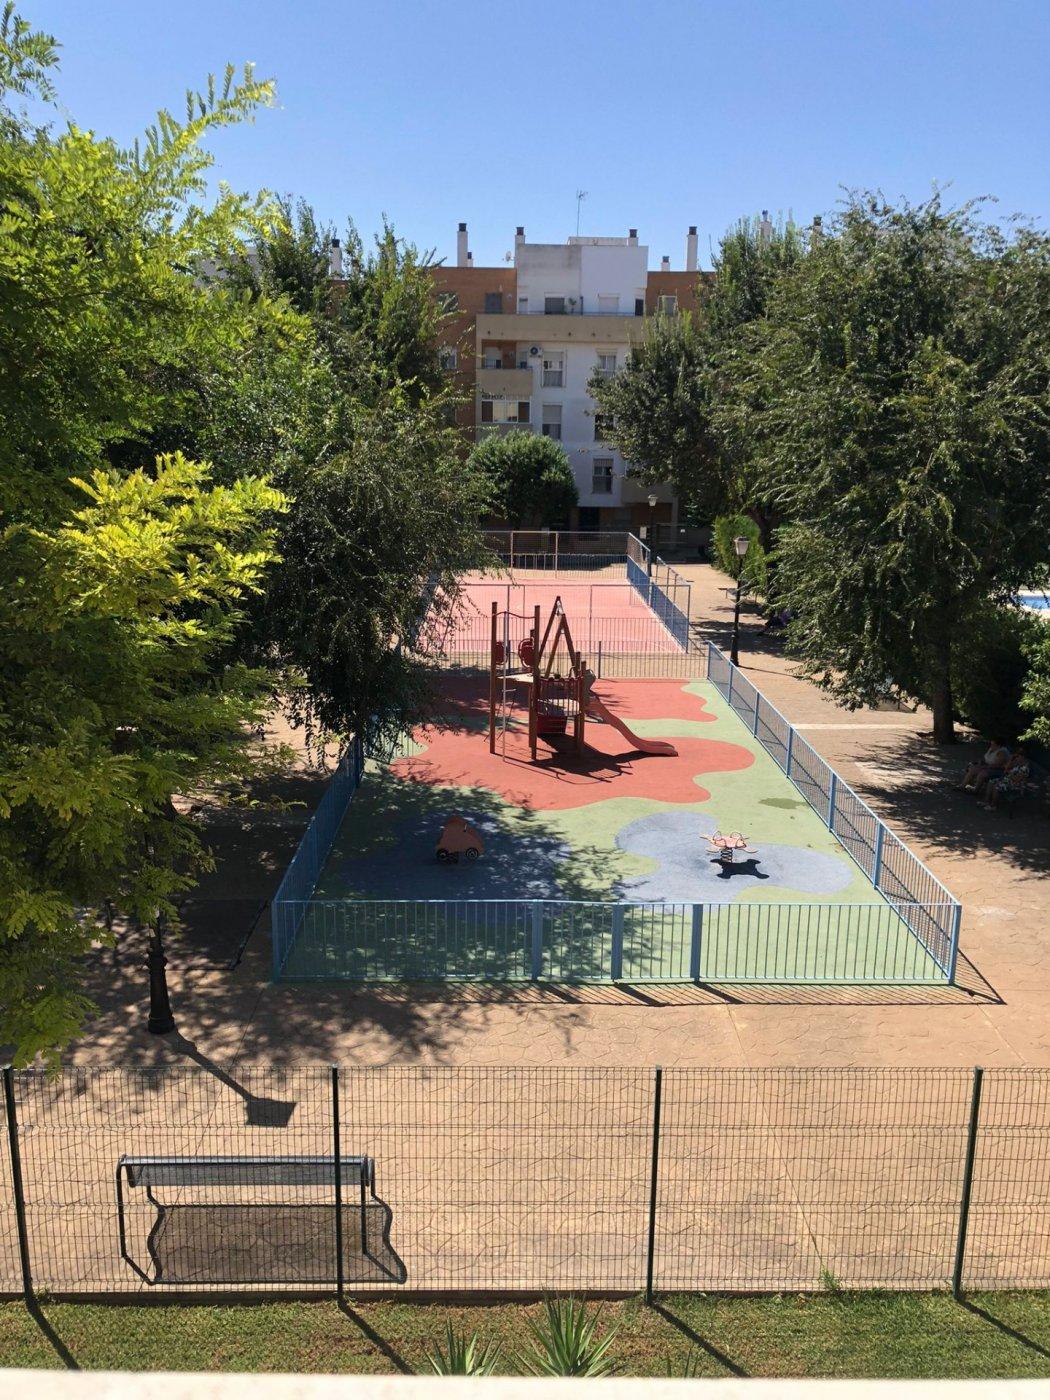 Piso de alquiler en urbanizacion con piscina en mairena del aljarafe - imagenInmueble26